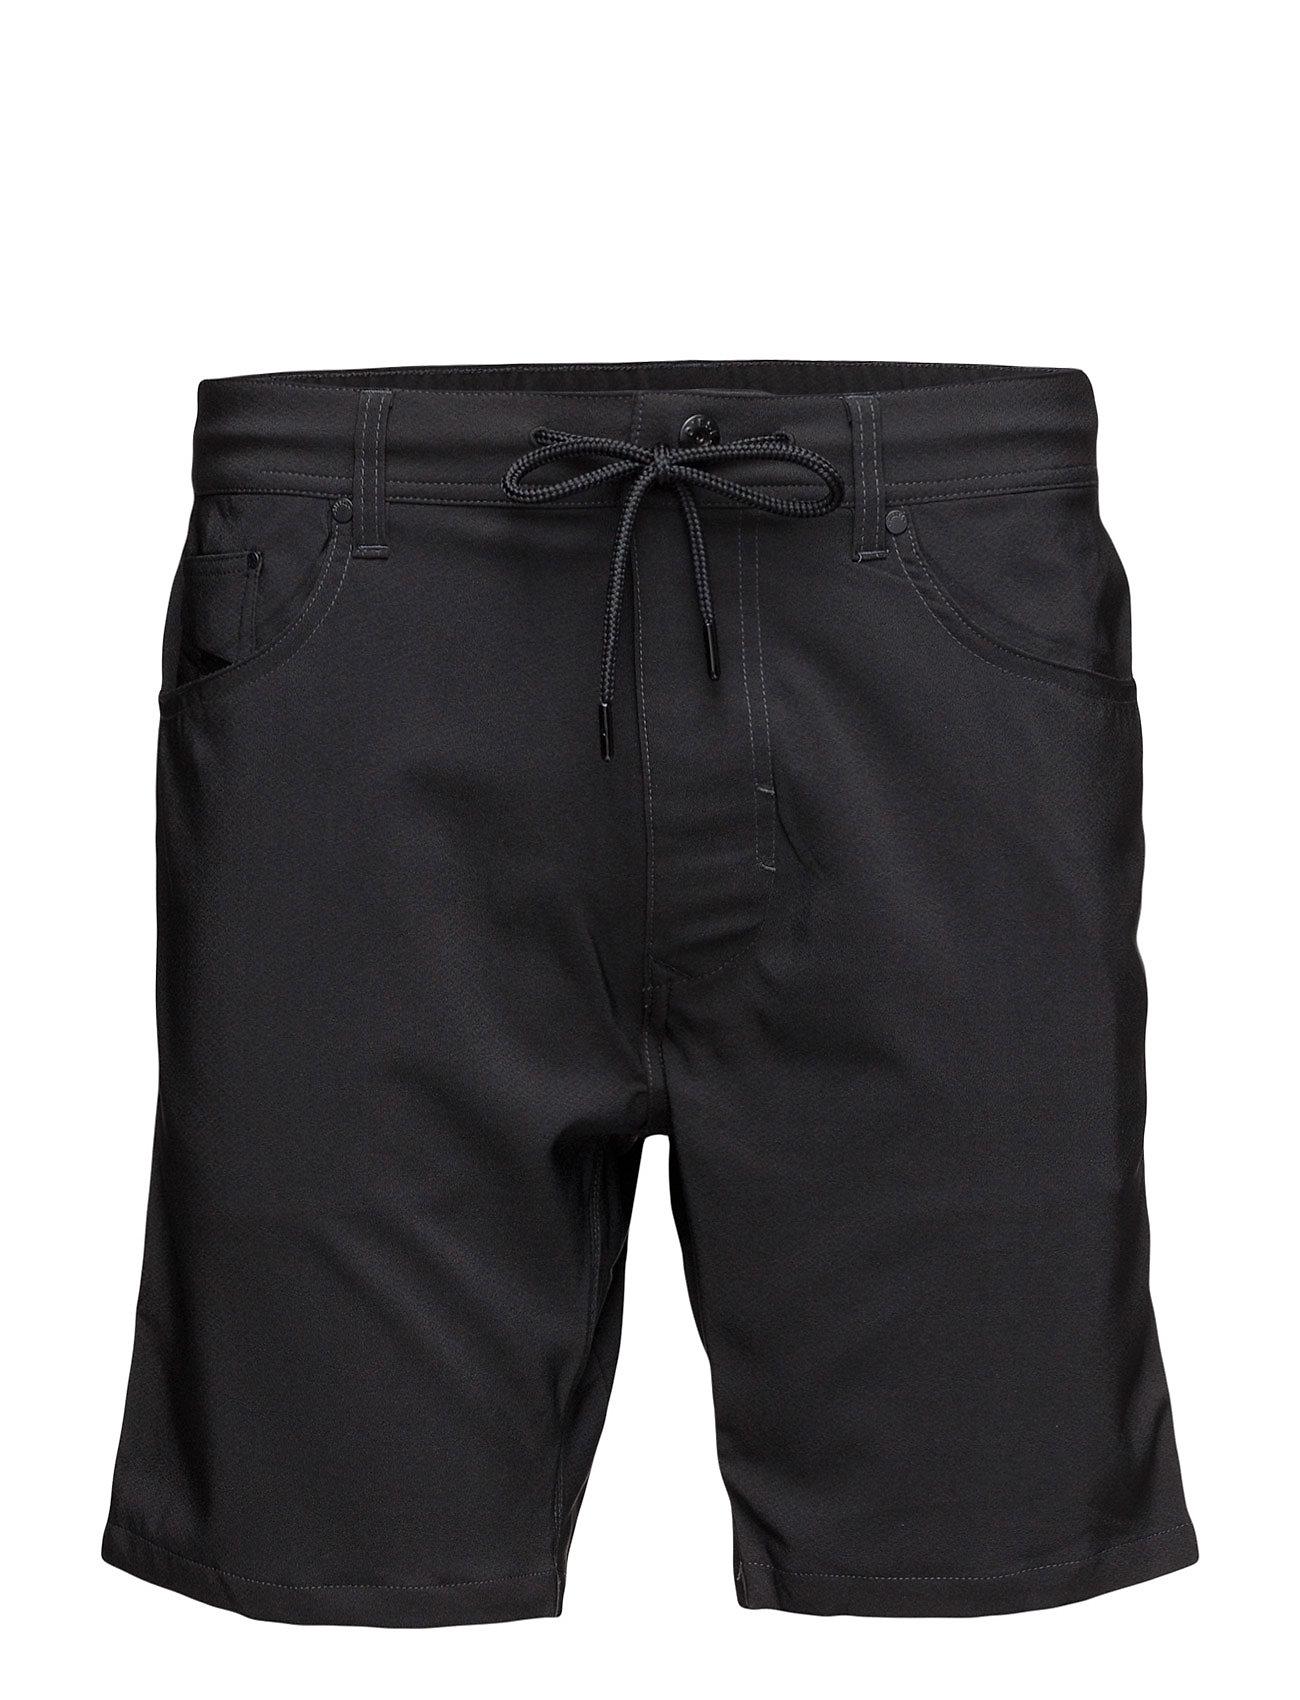 Bmbx-Waykeeki-S Shorts Diesel Men Shorts til Herrer i